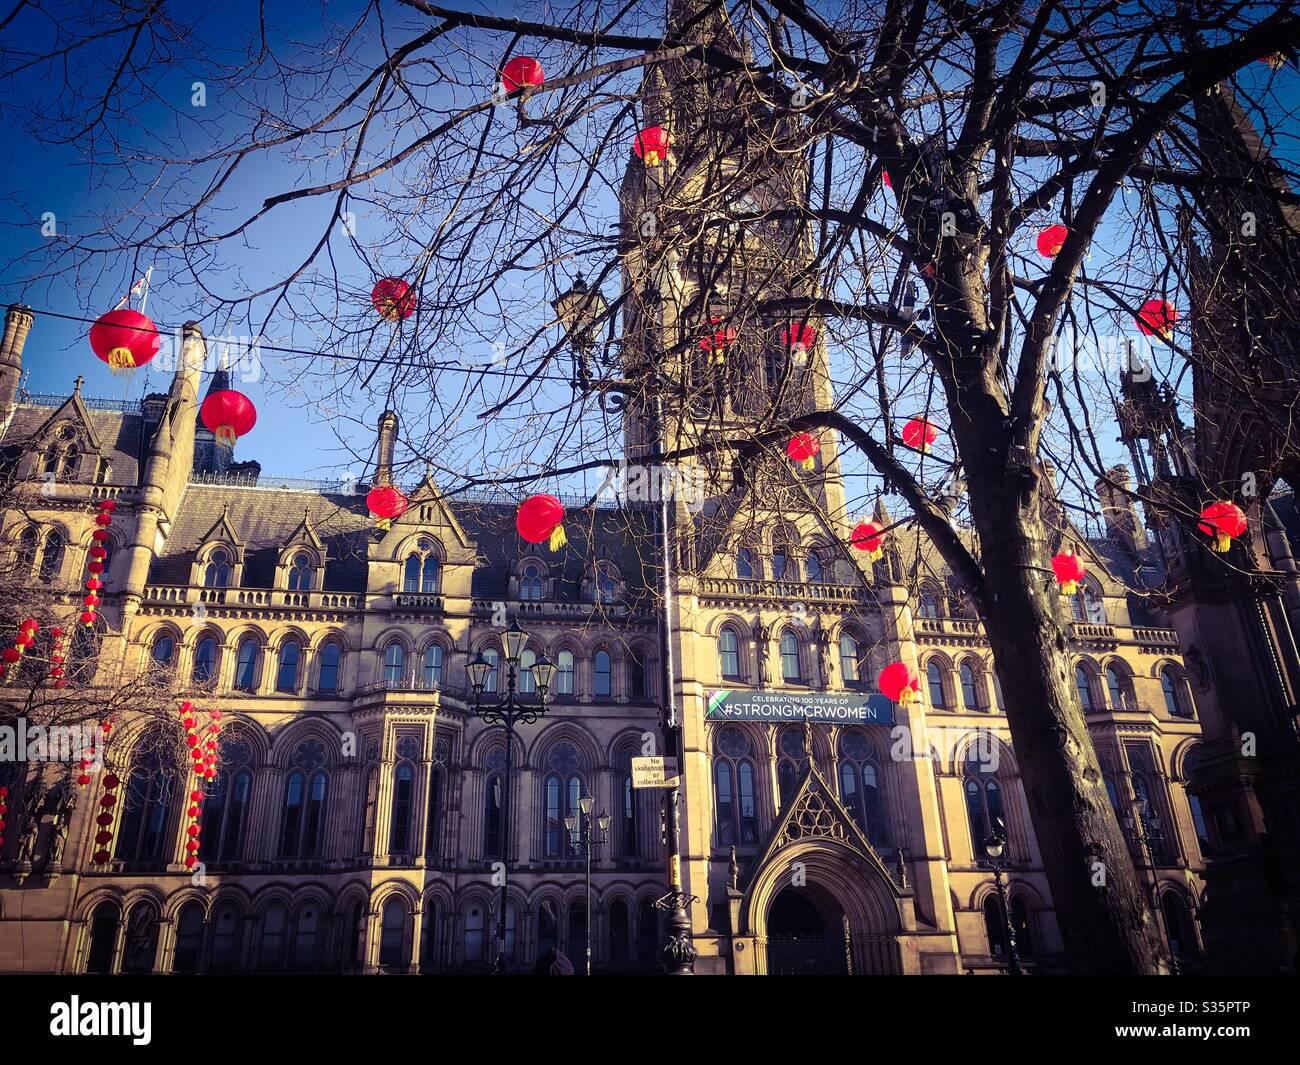 Ayuntamiento de Manchester en año Nuevo Chino Foto de stock